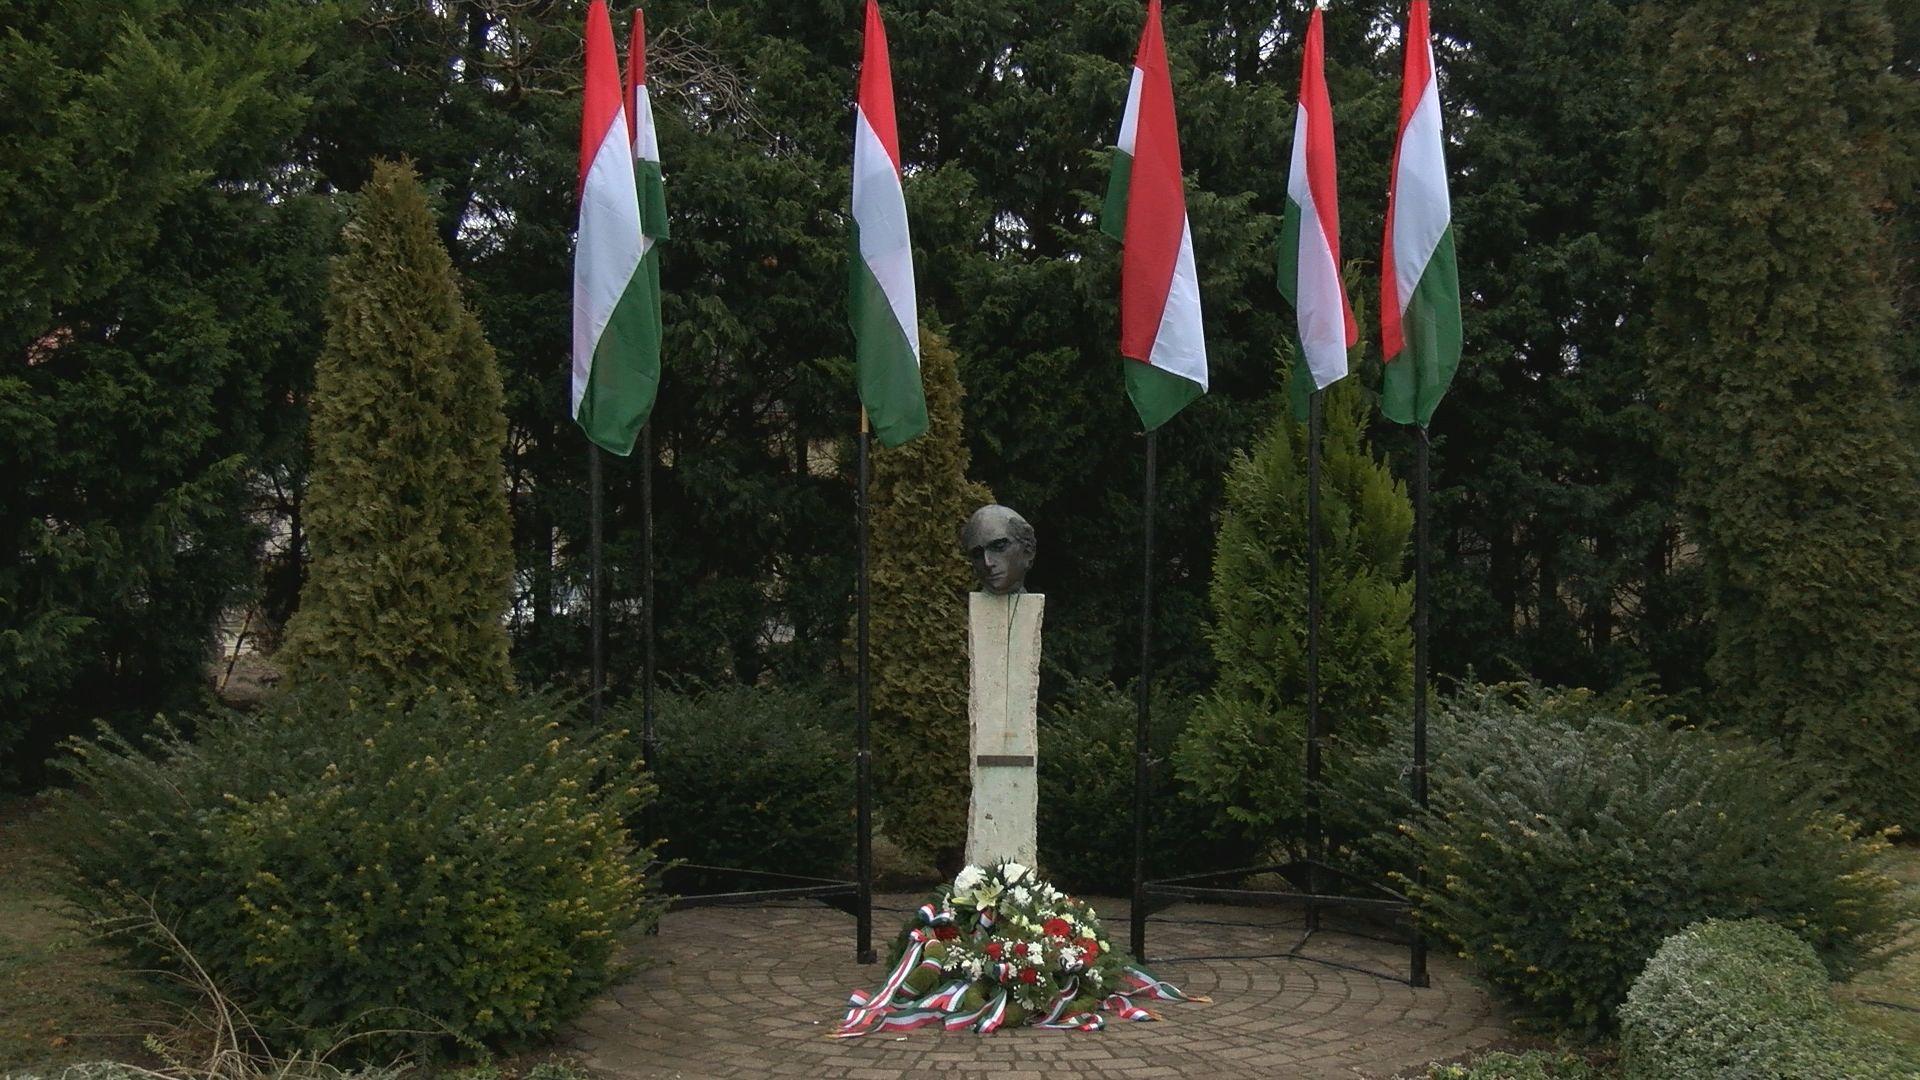 Megemlékezés Kölcsey Ferenc szobránál